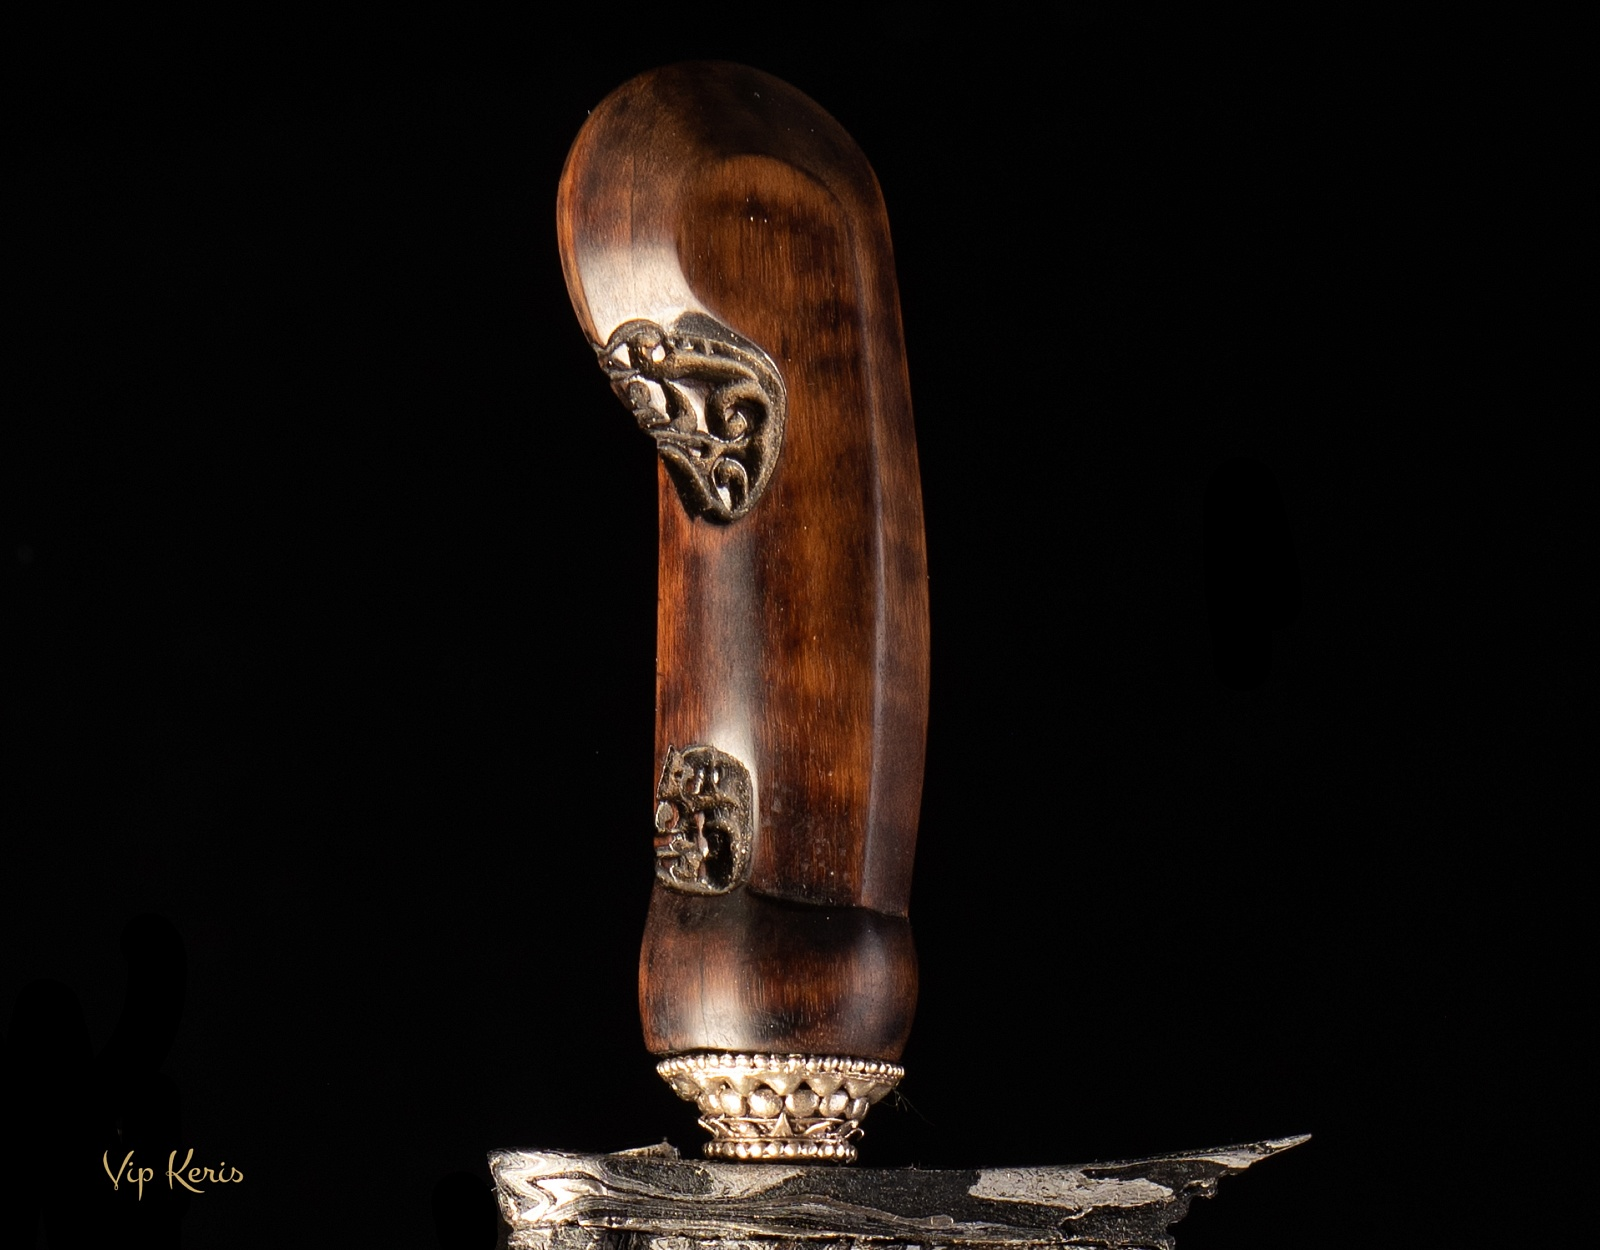 Ритуальный кинжал Крис Panimbal, Волшебник фото VipKeris